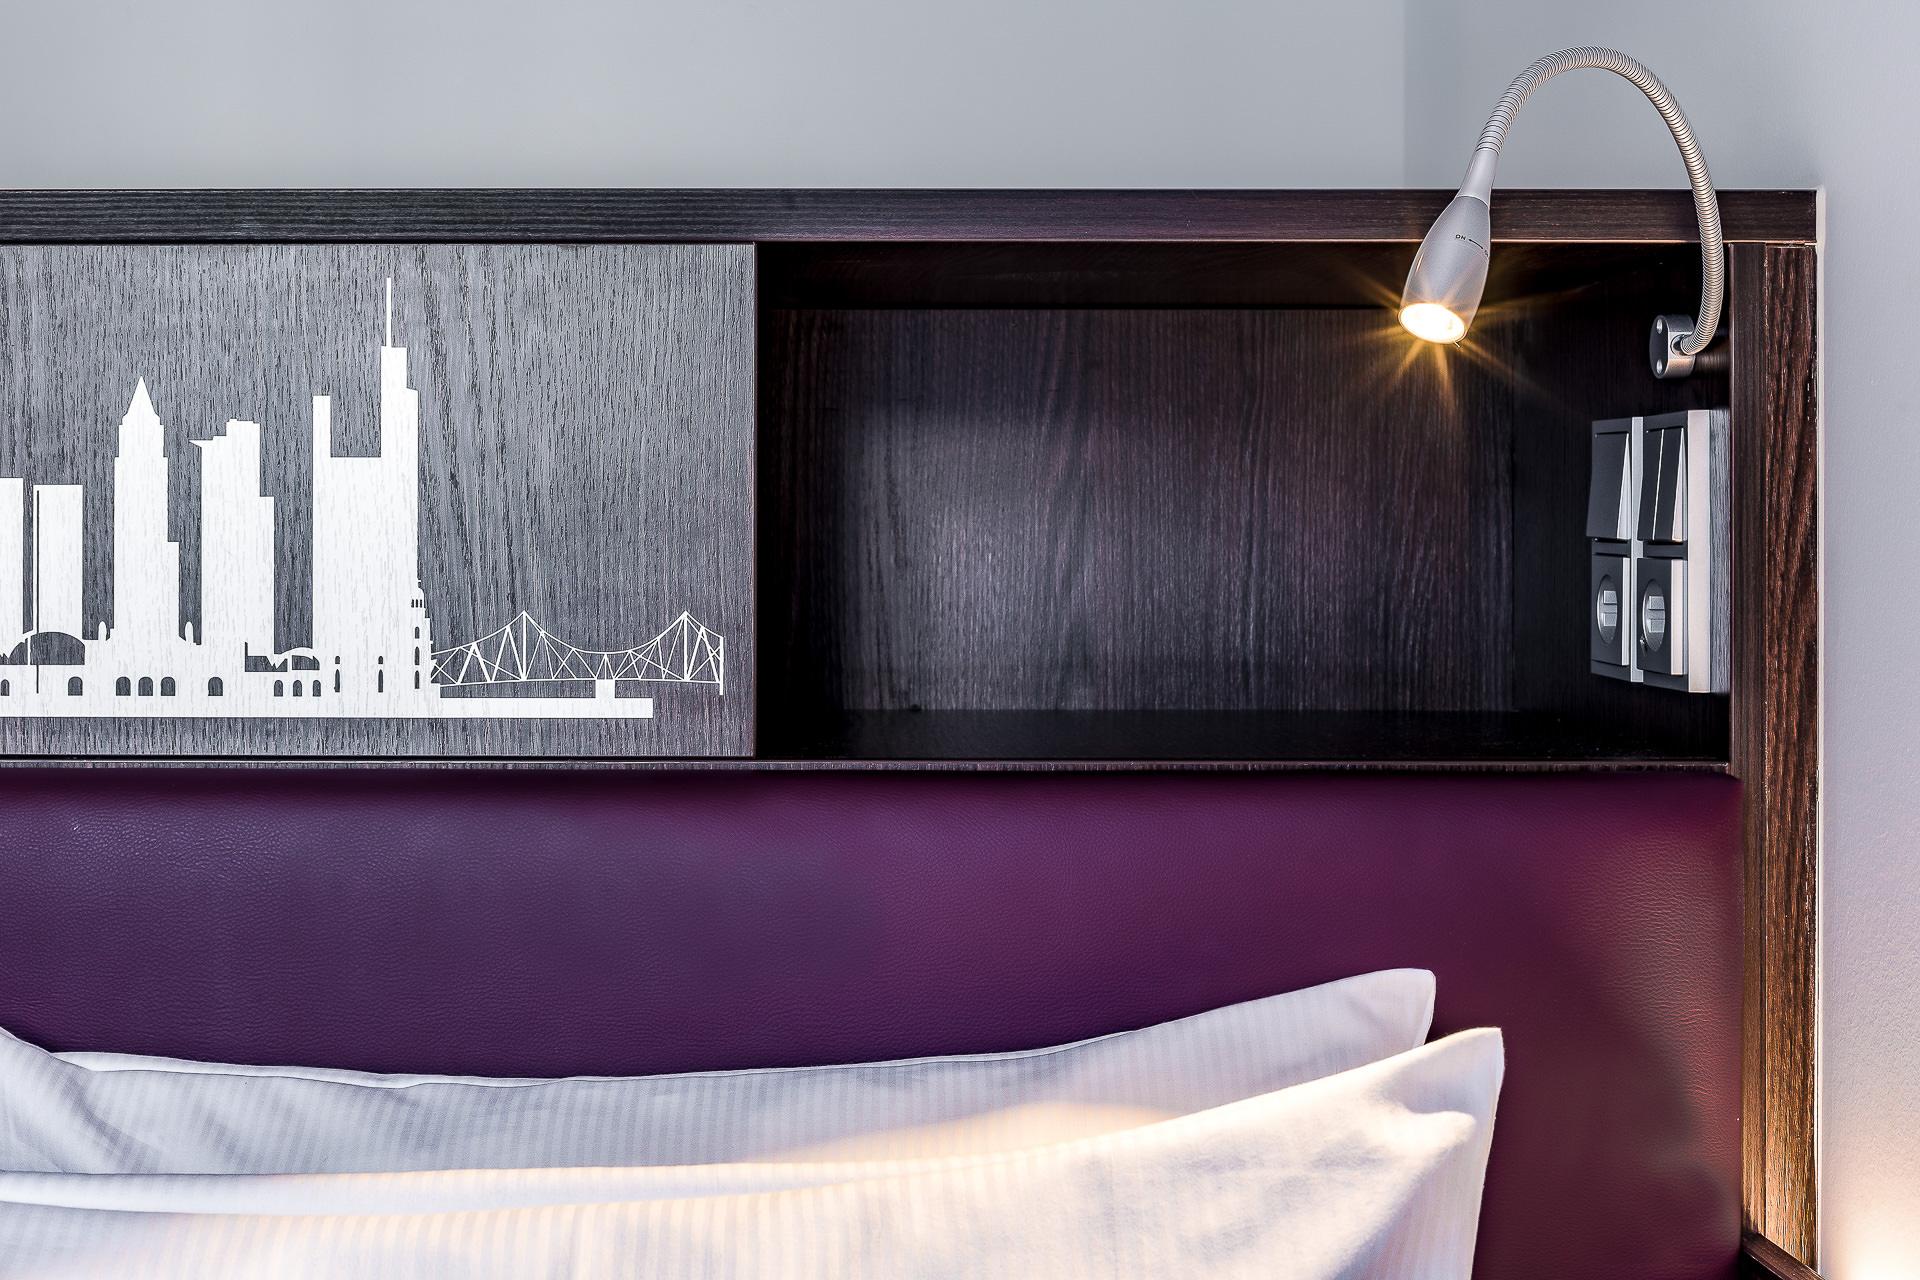 Bett mit LED Beleuchtung und Ablage mit USB-Ladefunktion